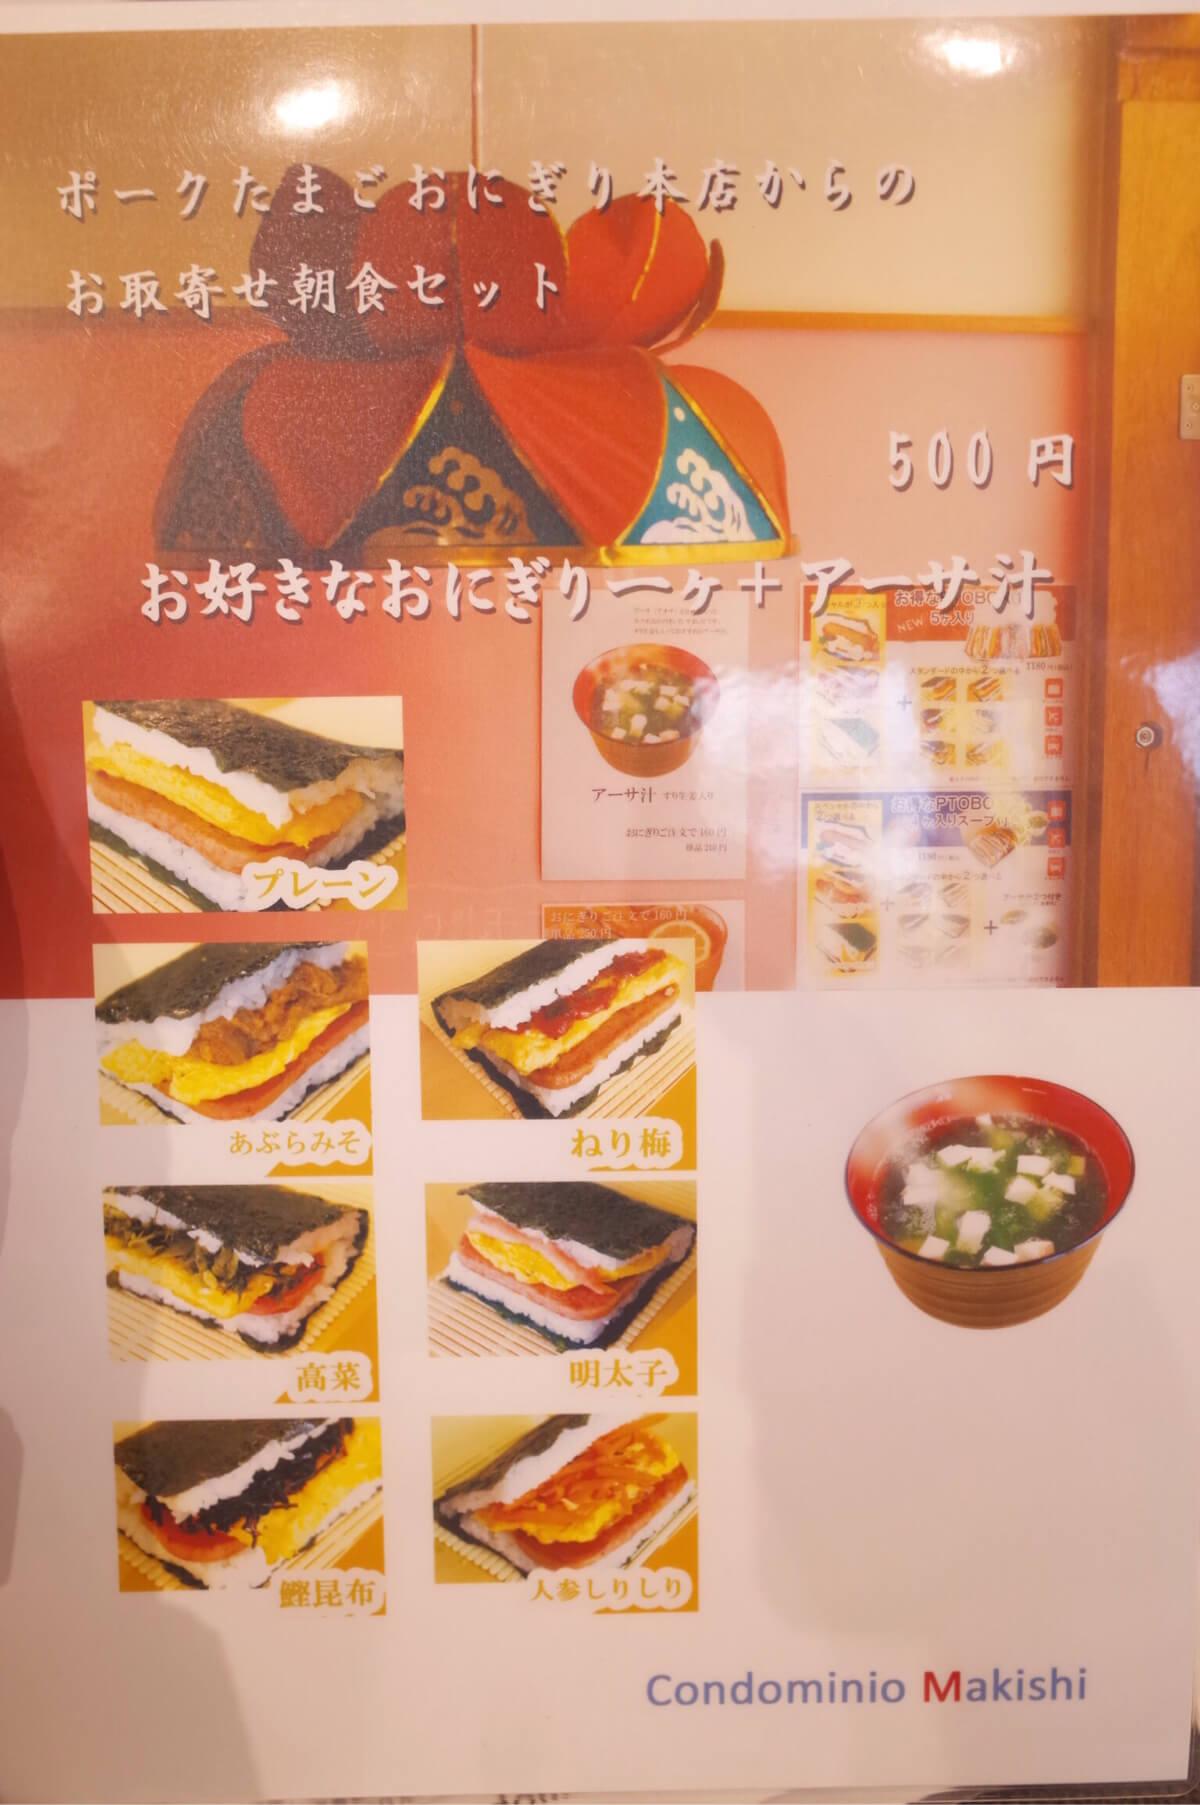 沖縄 那覇 牧志 国際通り コンドミニオマキシ 朝食